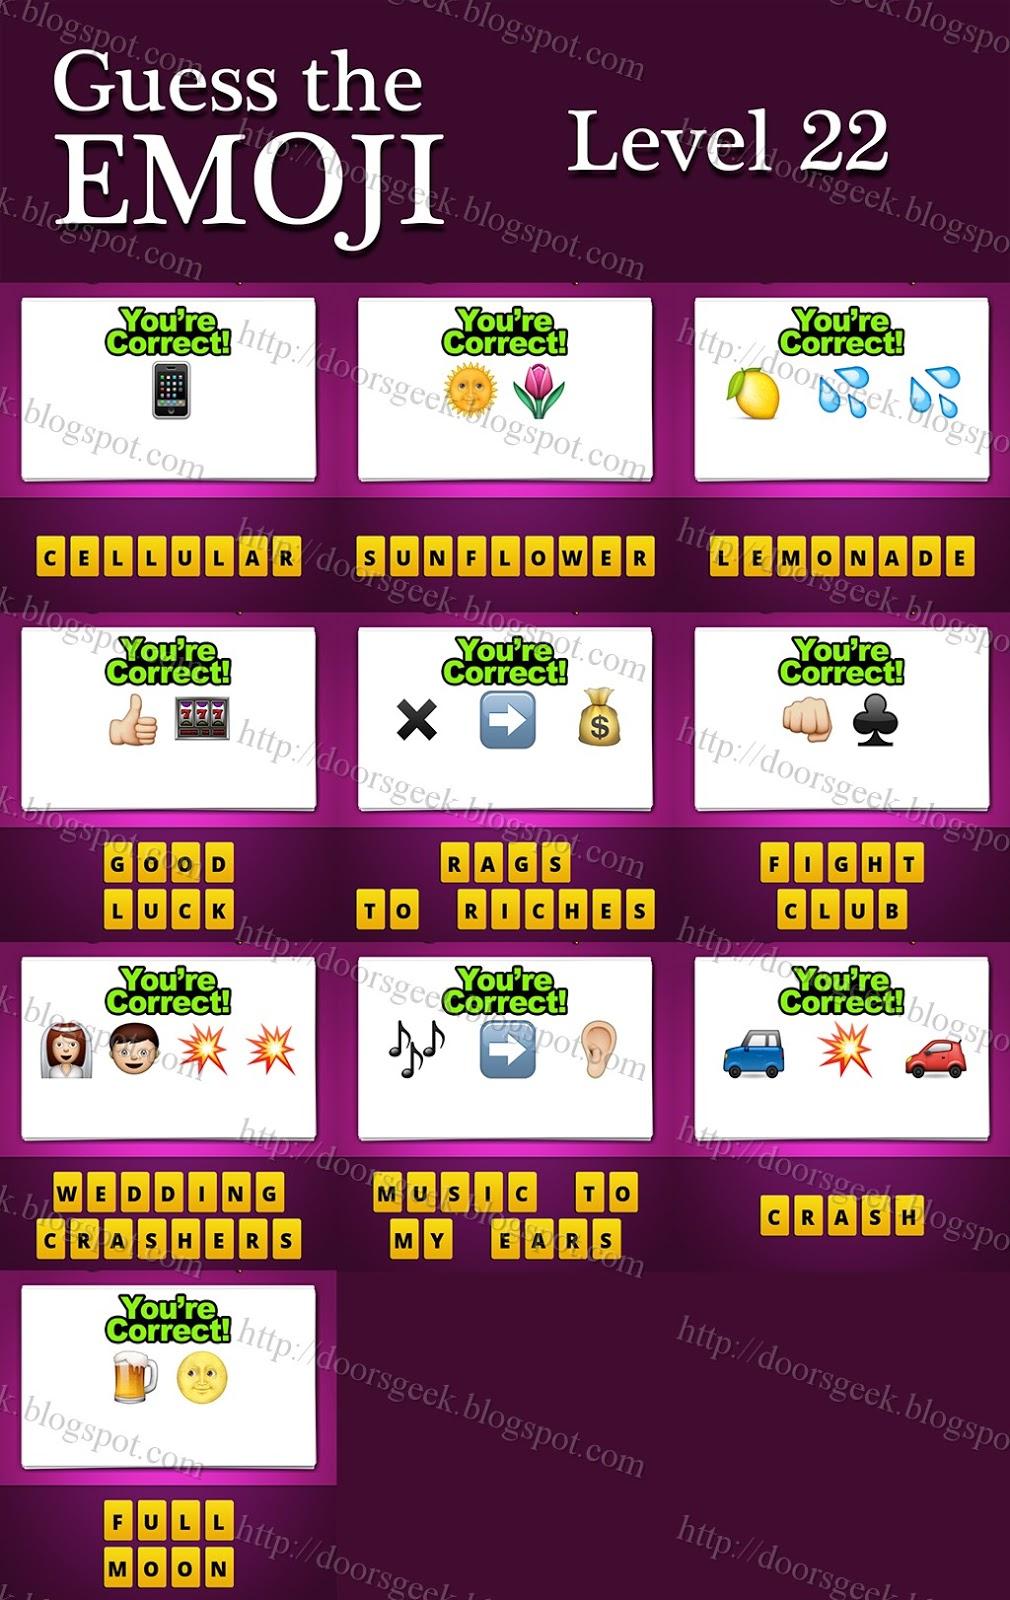 emoji slot machine and money bags